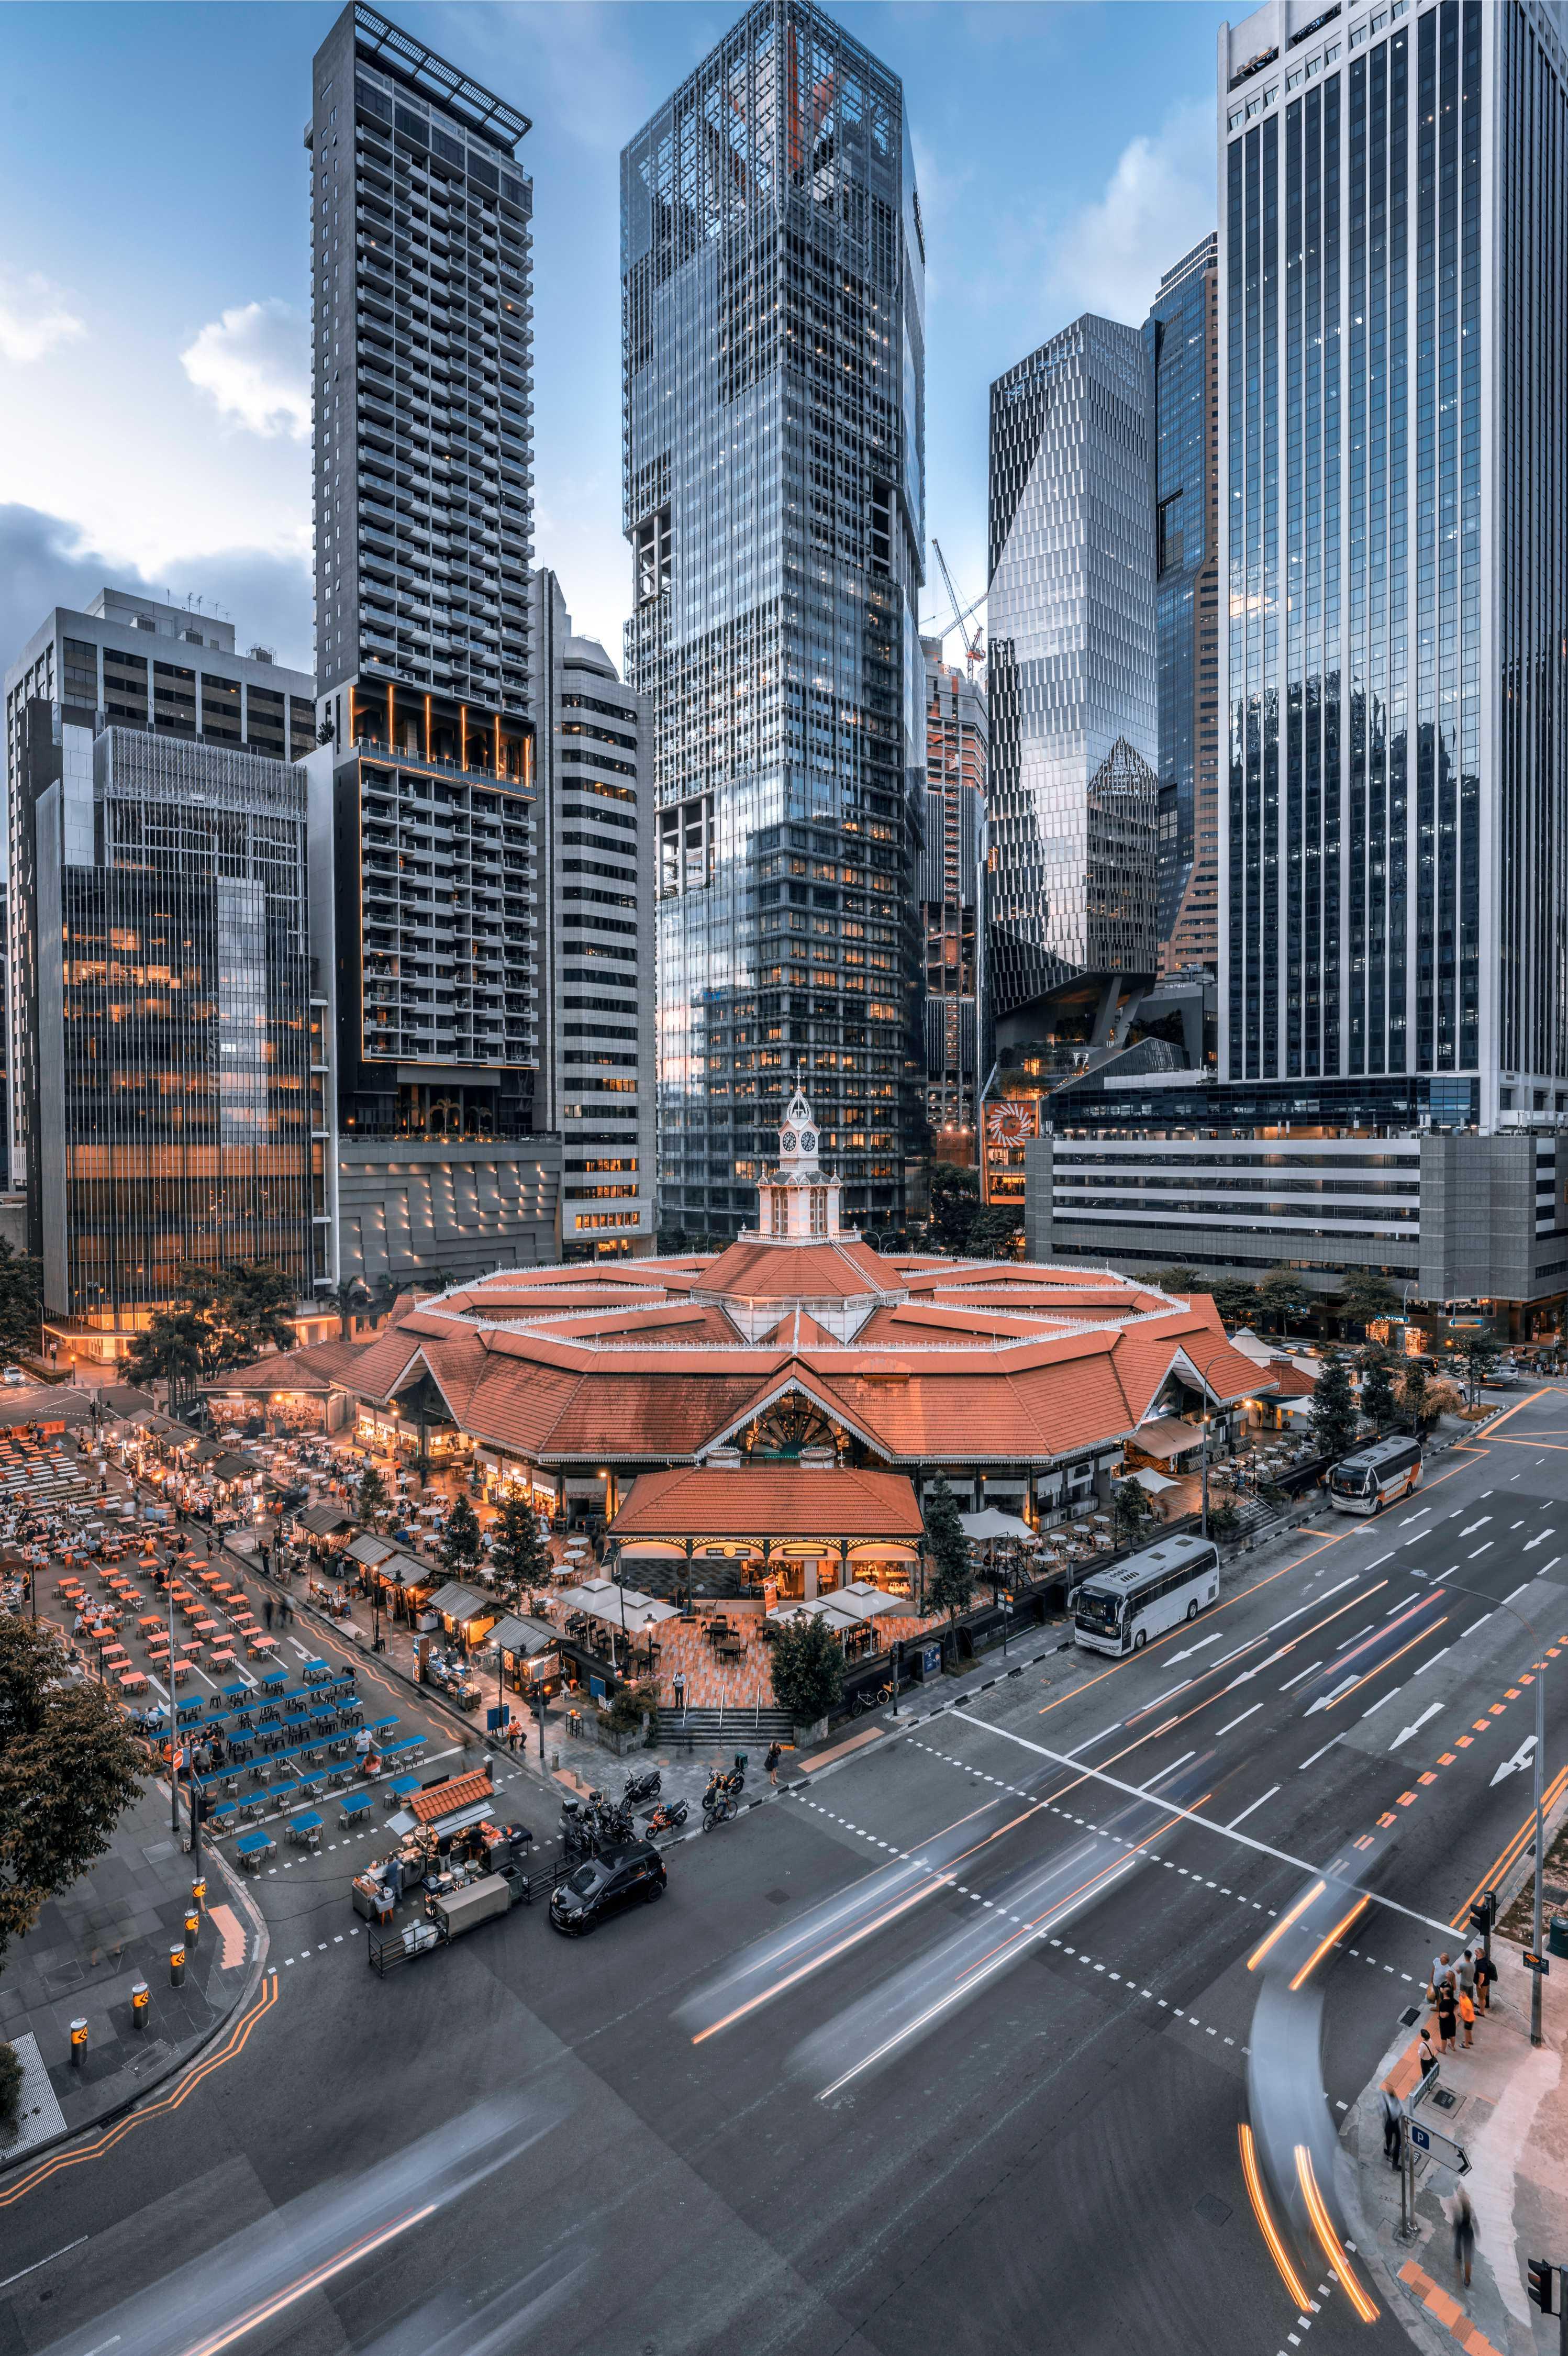 Lau Pa Sat Singapore Hawker Centre